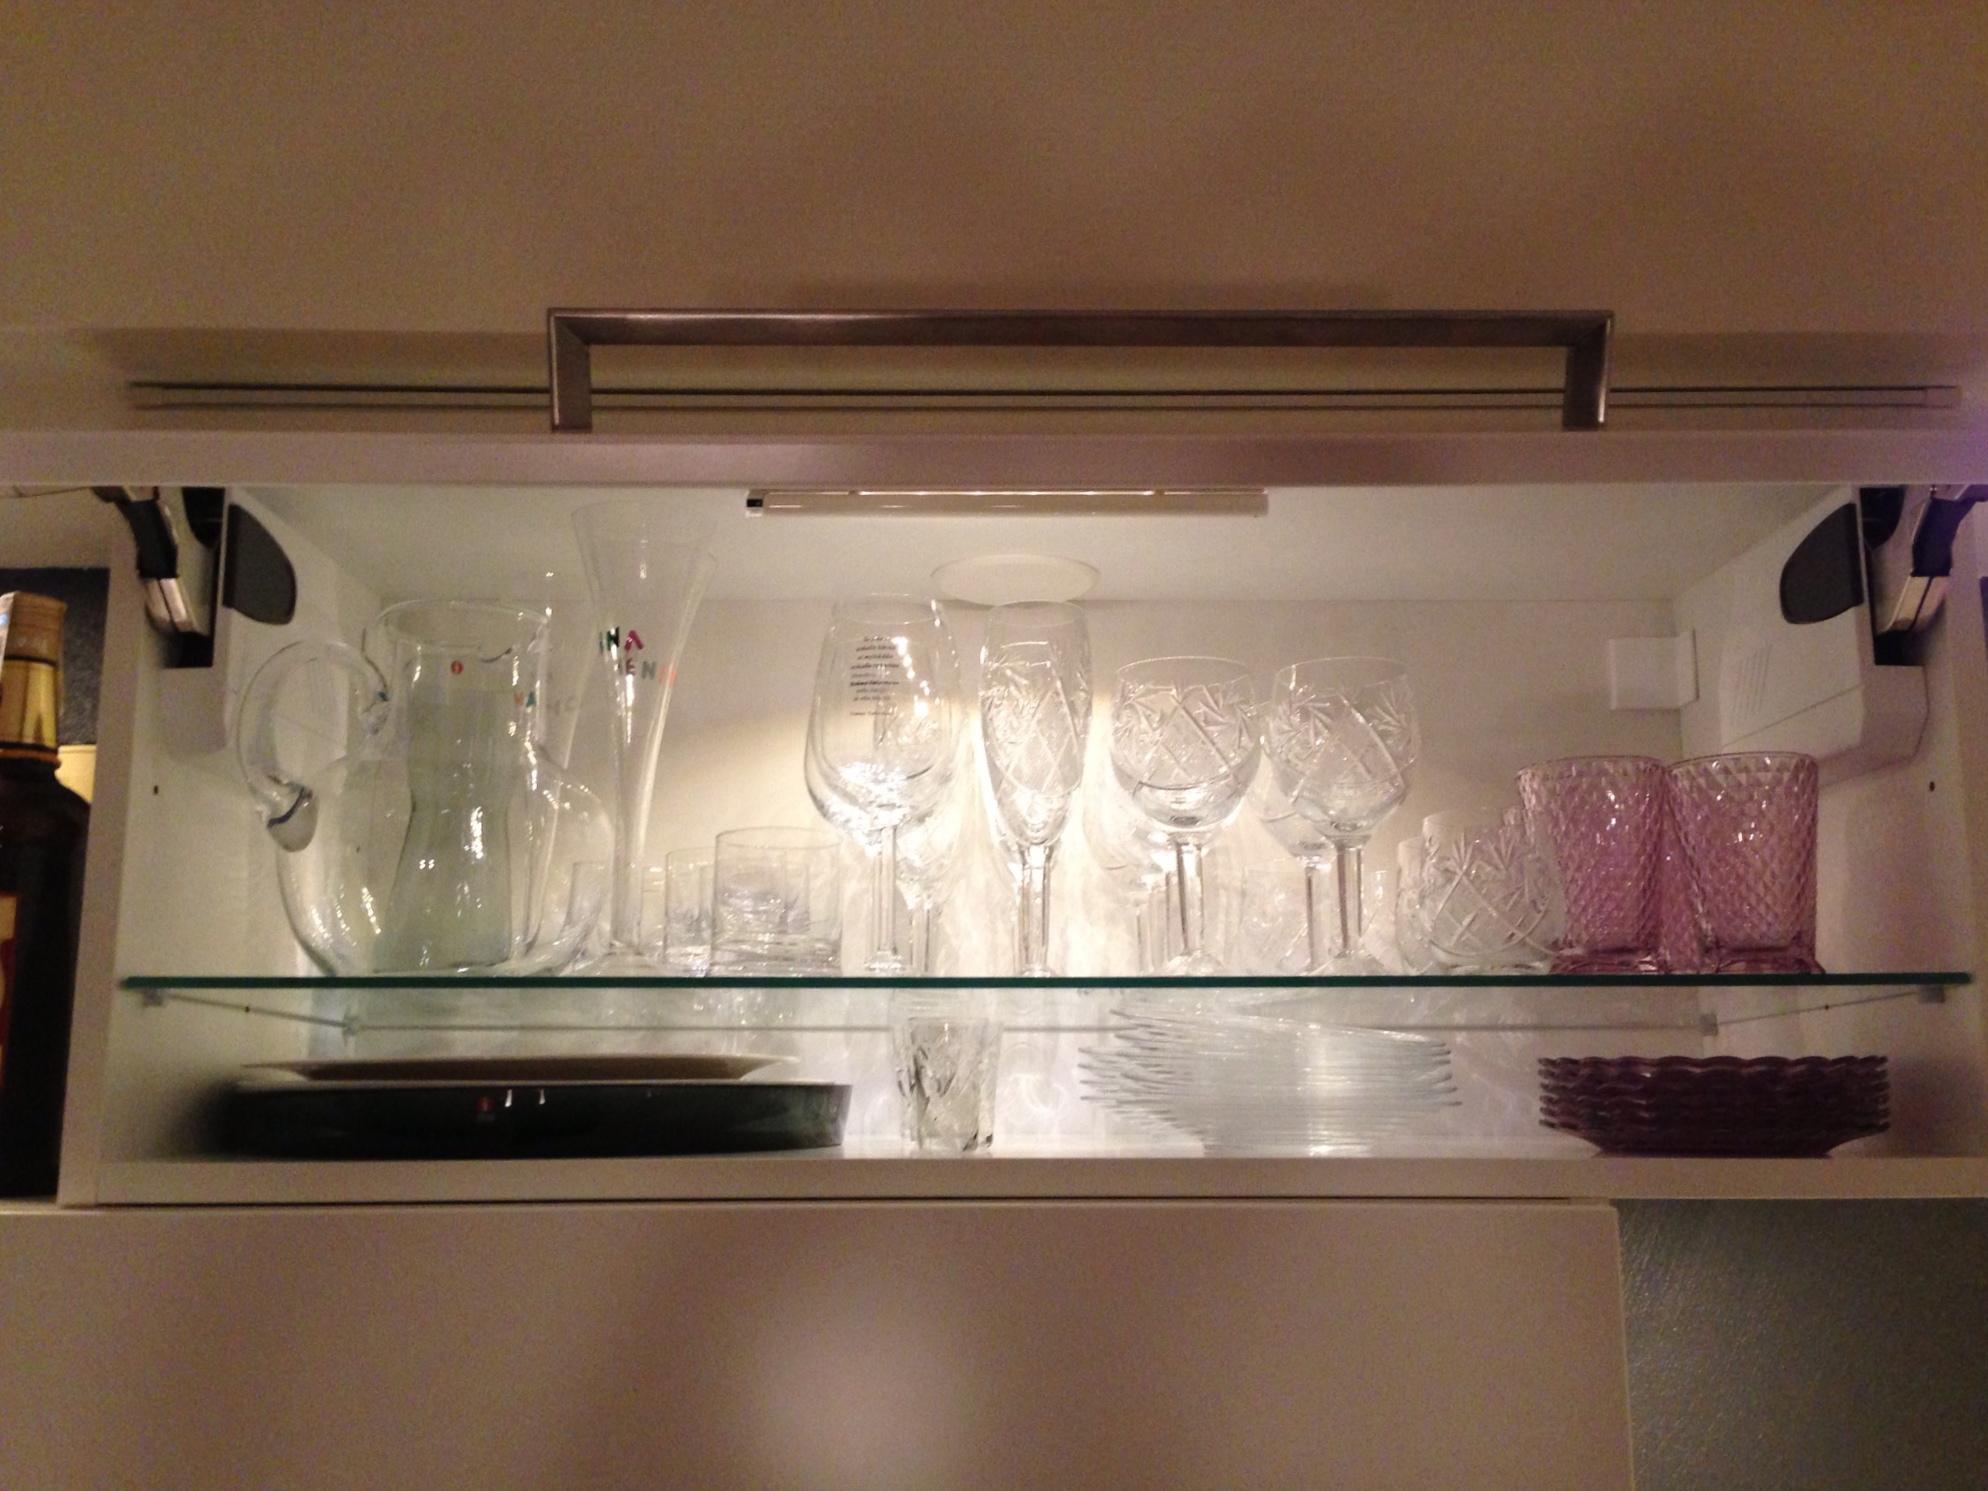 Remonttivinkkejä ja ideoita keittiöön  KodinHenke